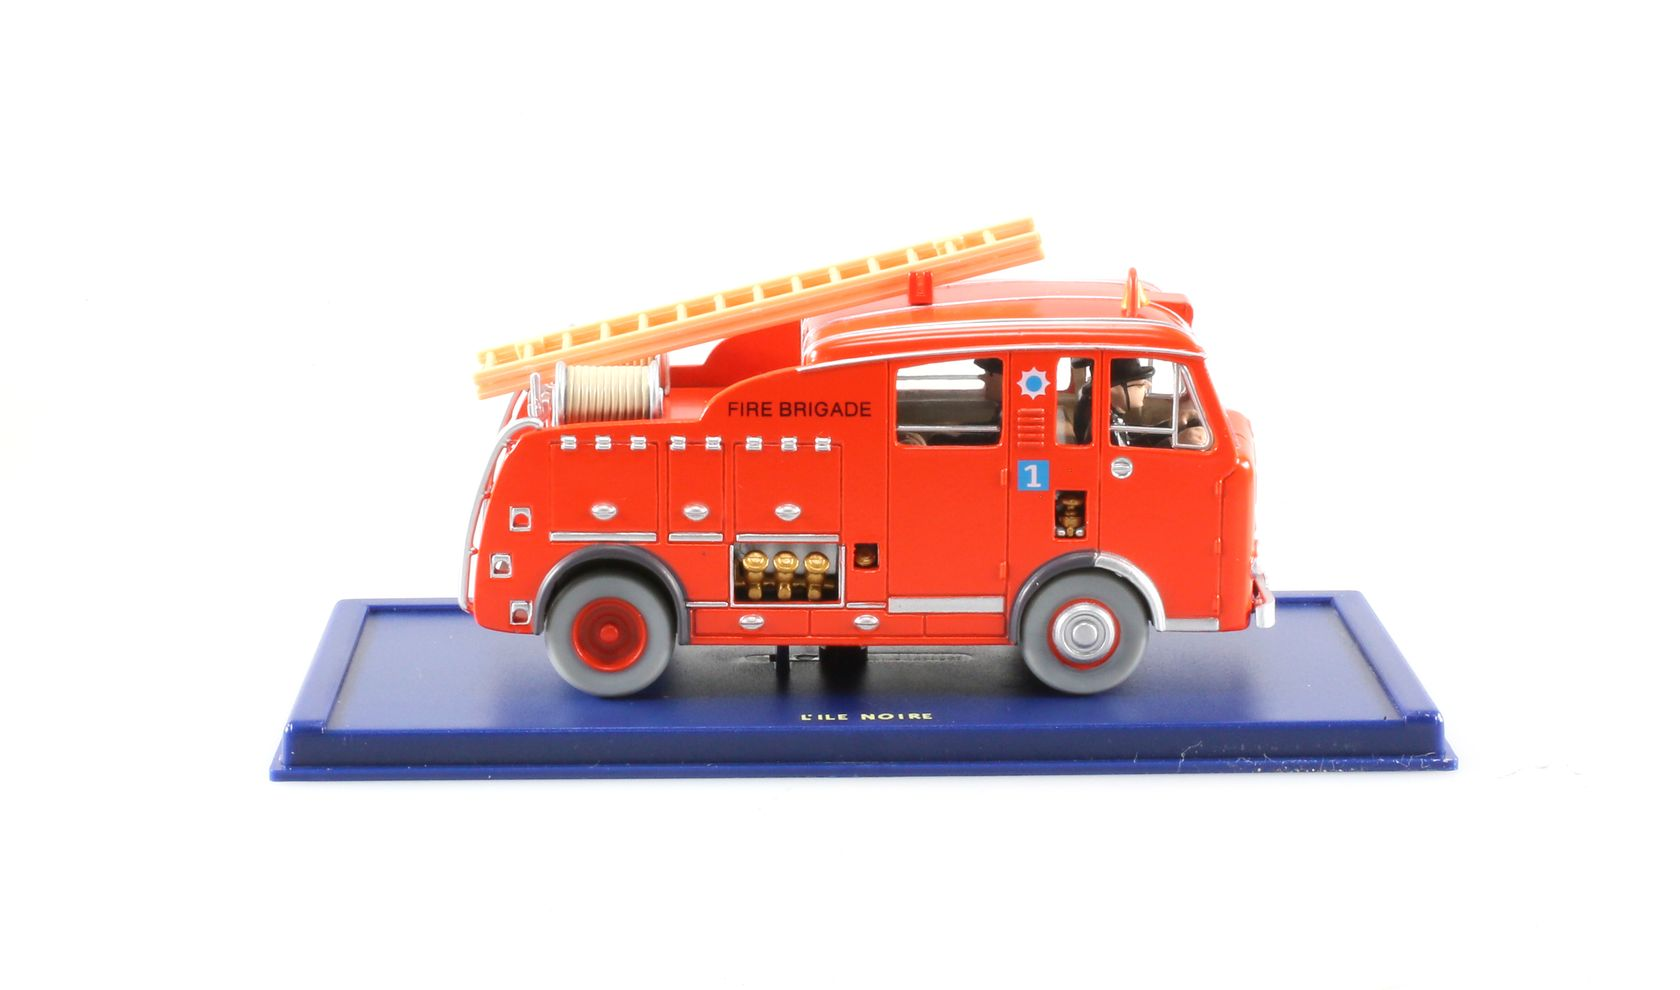 Le camion des pompiers, Dennis F101, L'île noire, Années 50, 1/43